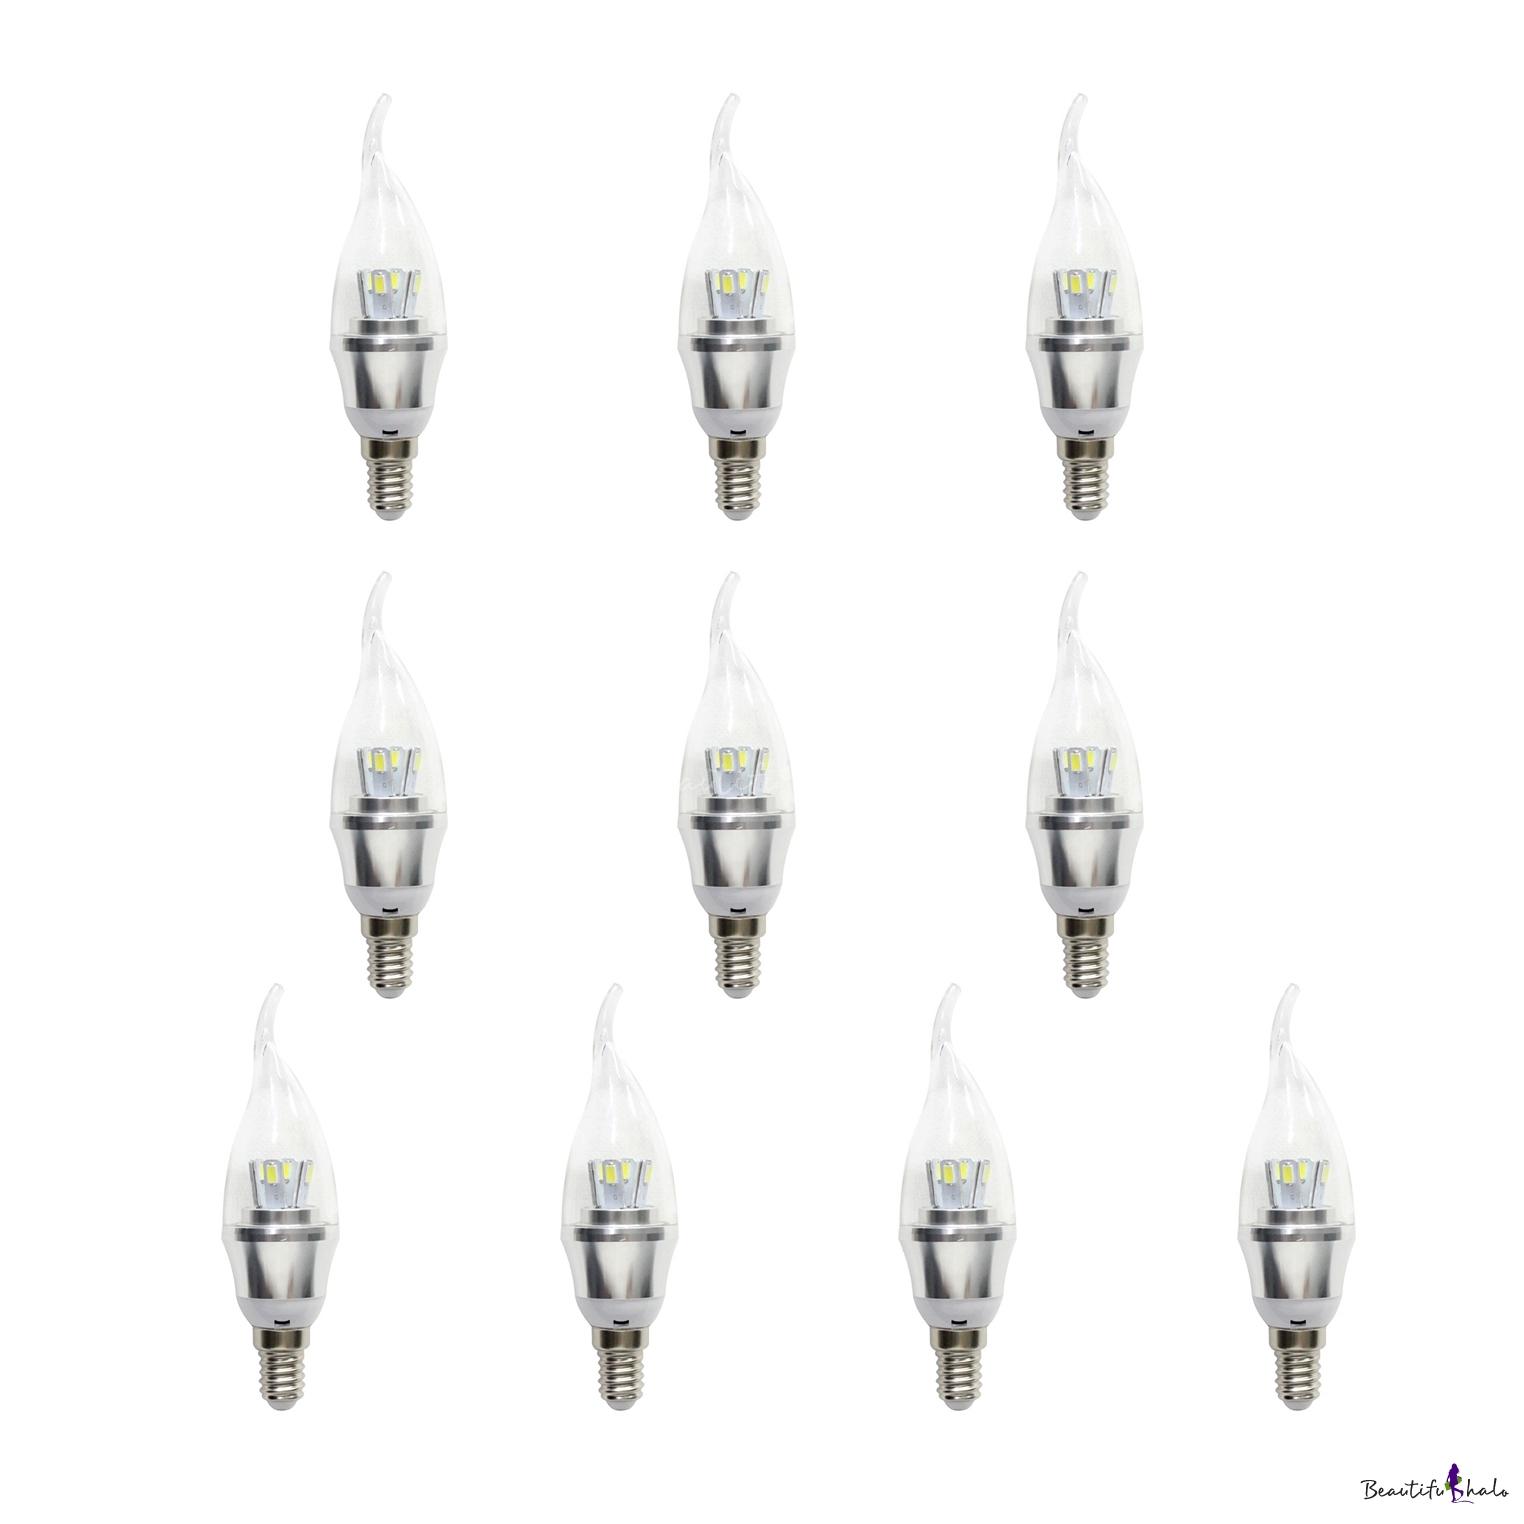 12v 4w Bulb